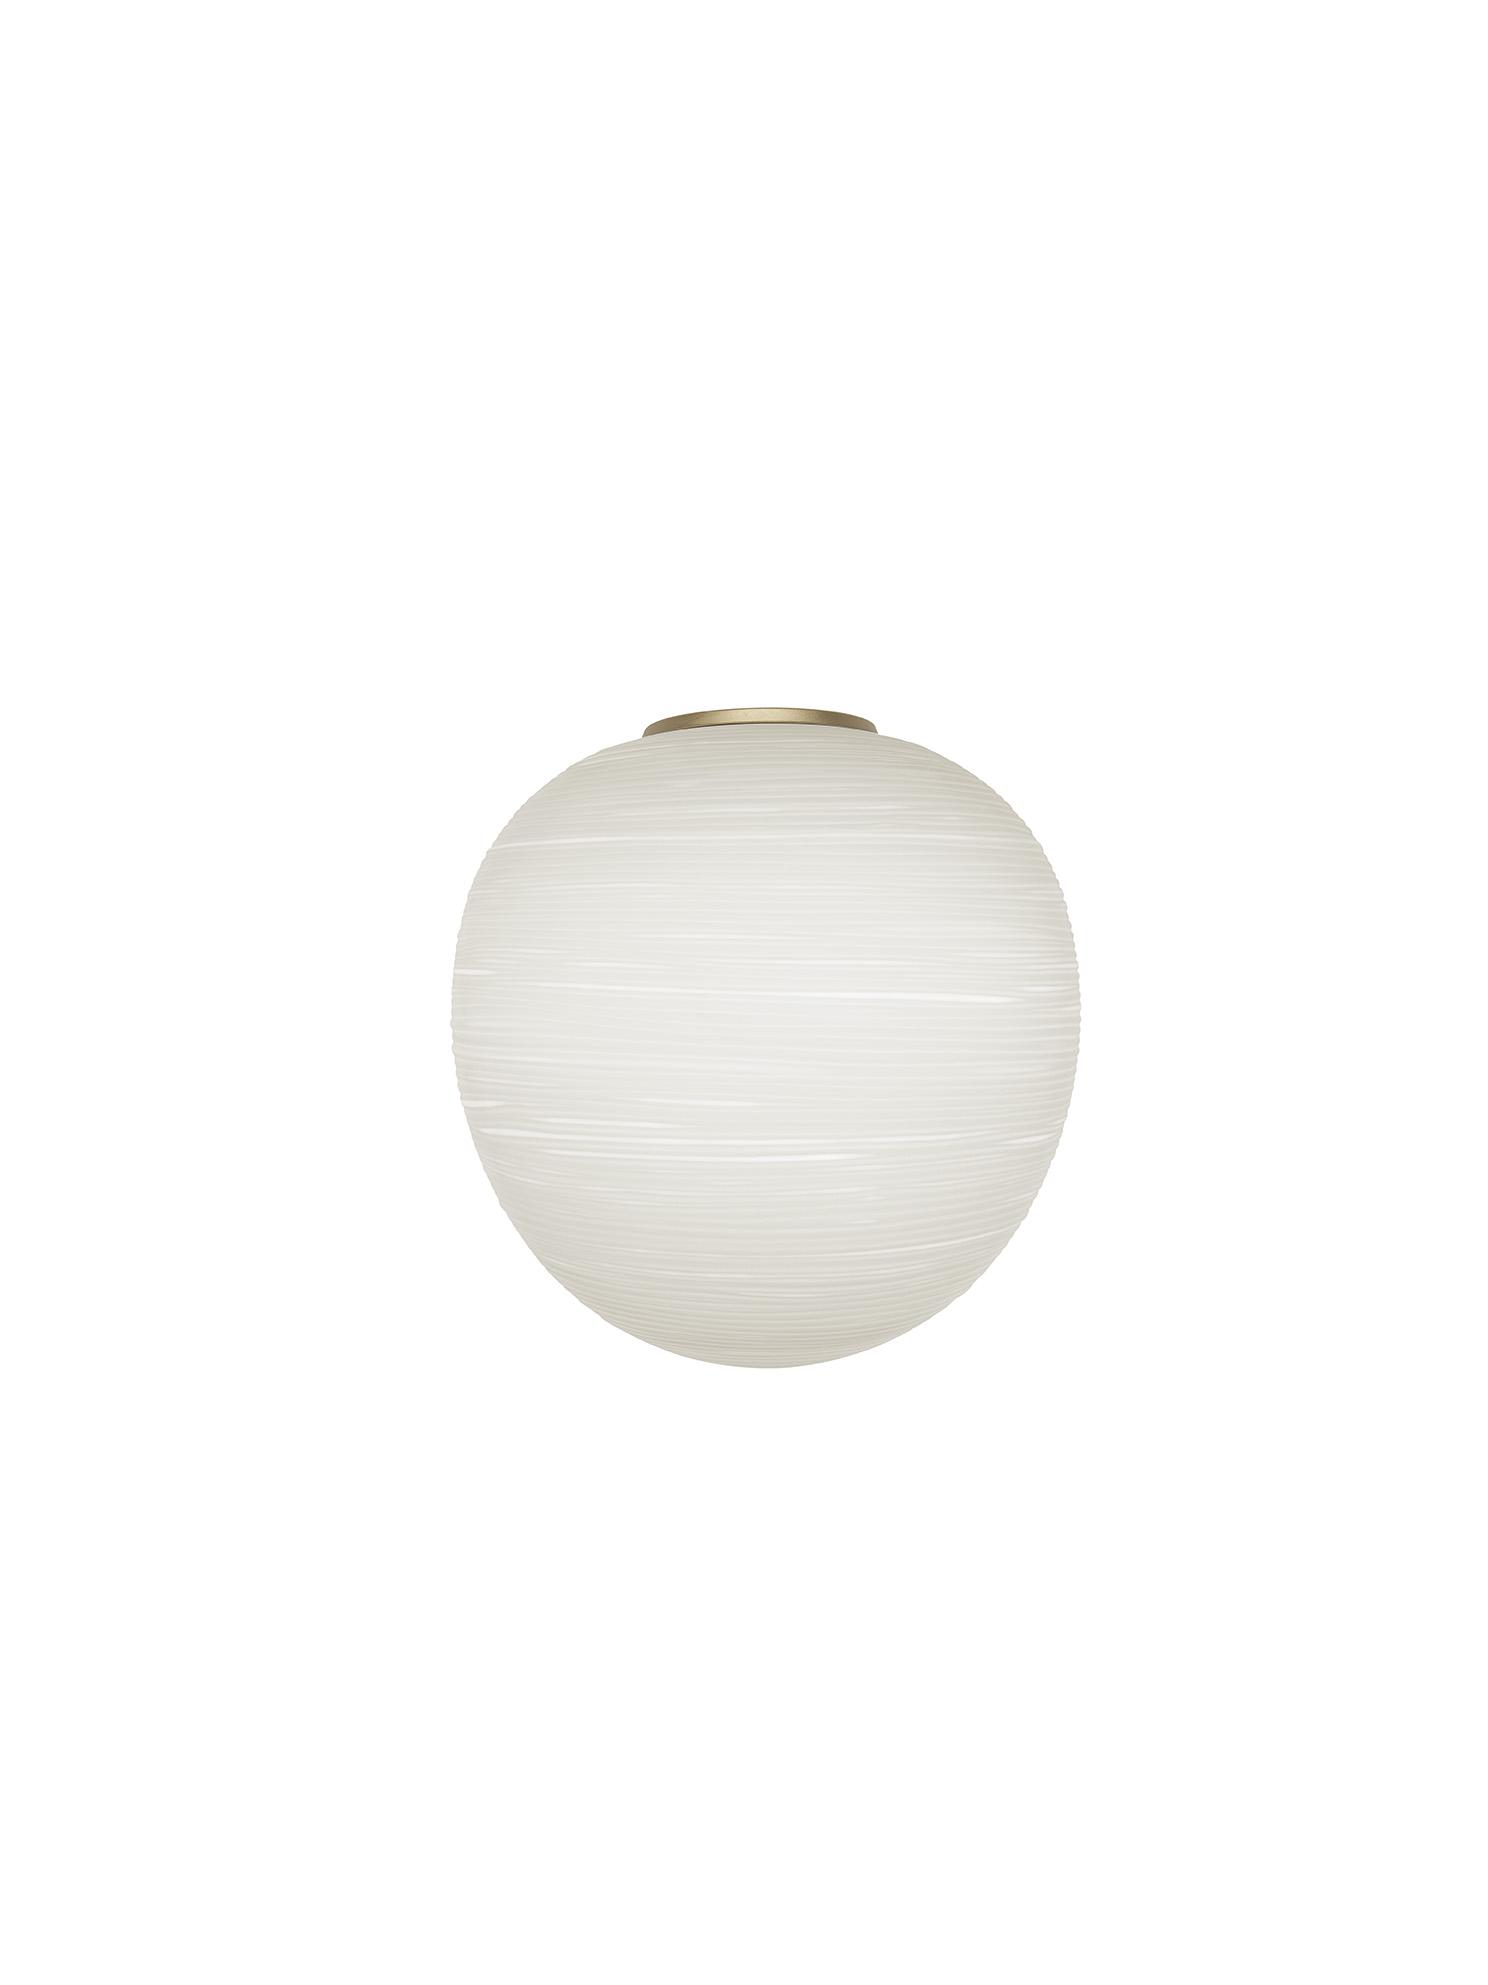 Lampada da parete Rituals XL Mix&Match in vetro soffiato satinato inciso e metallo verniciato color oro realizzata da Ludovica+Roberto Palomba per Foscarini